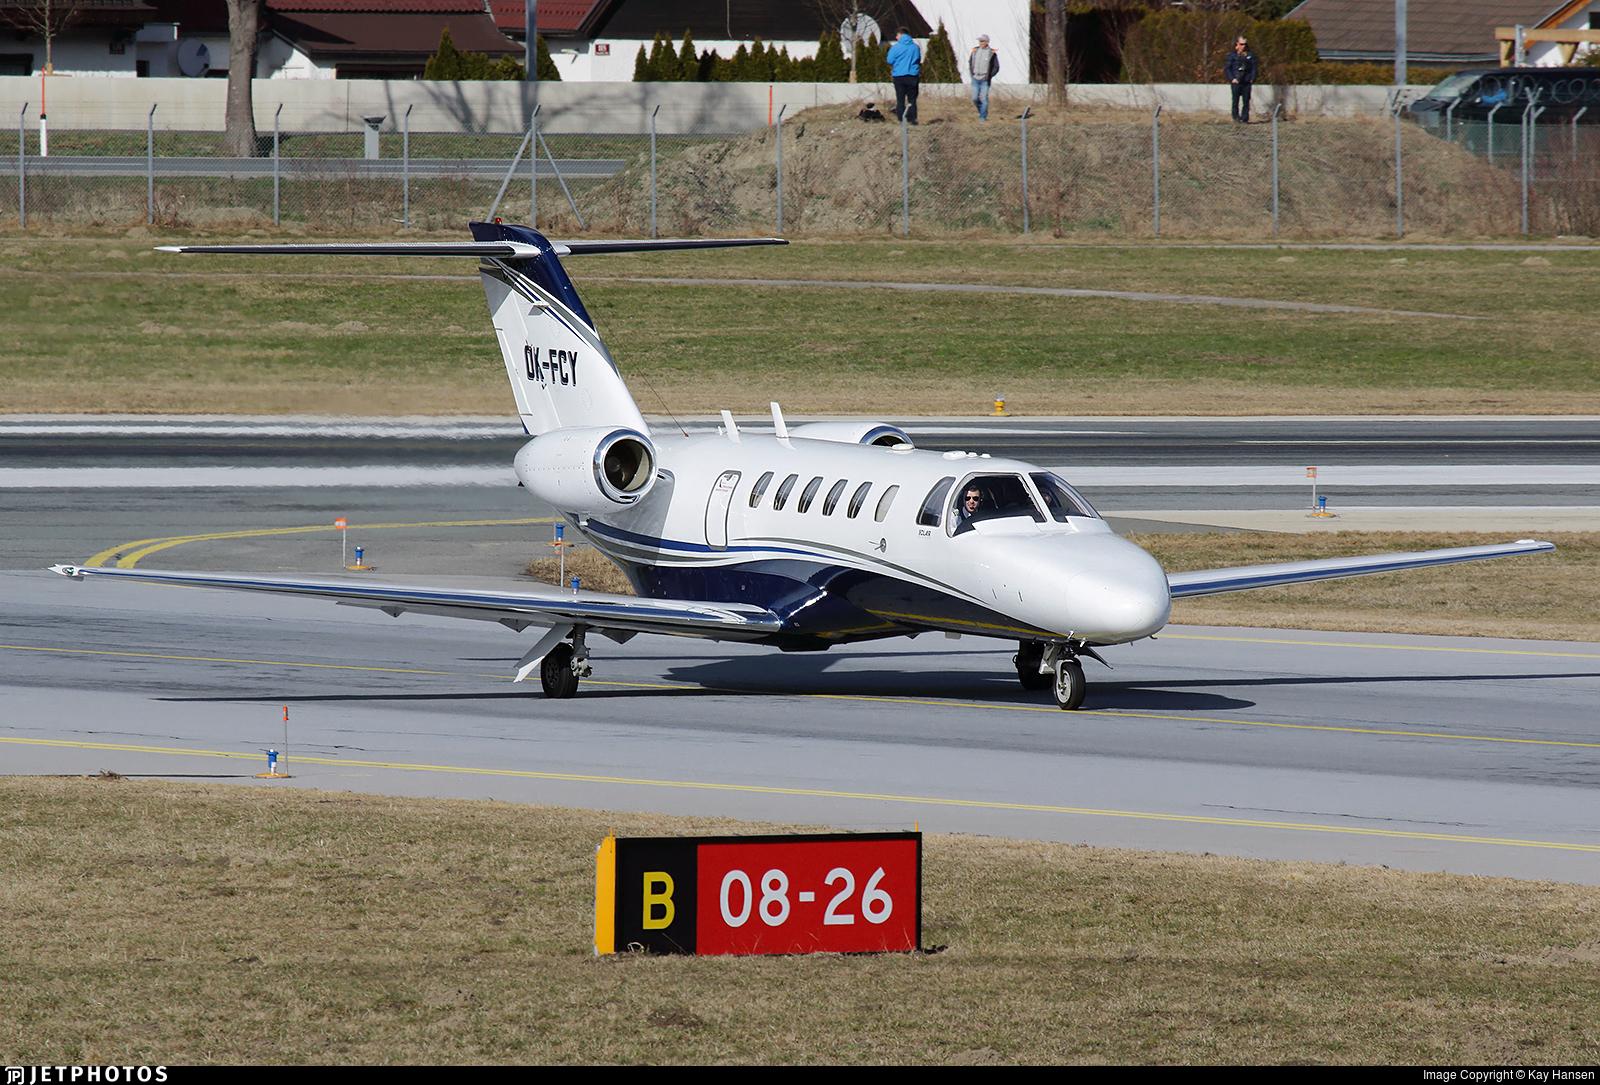 OK-FCY - Cessna 525A CitationJet 2 - Aeropartner